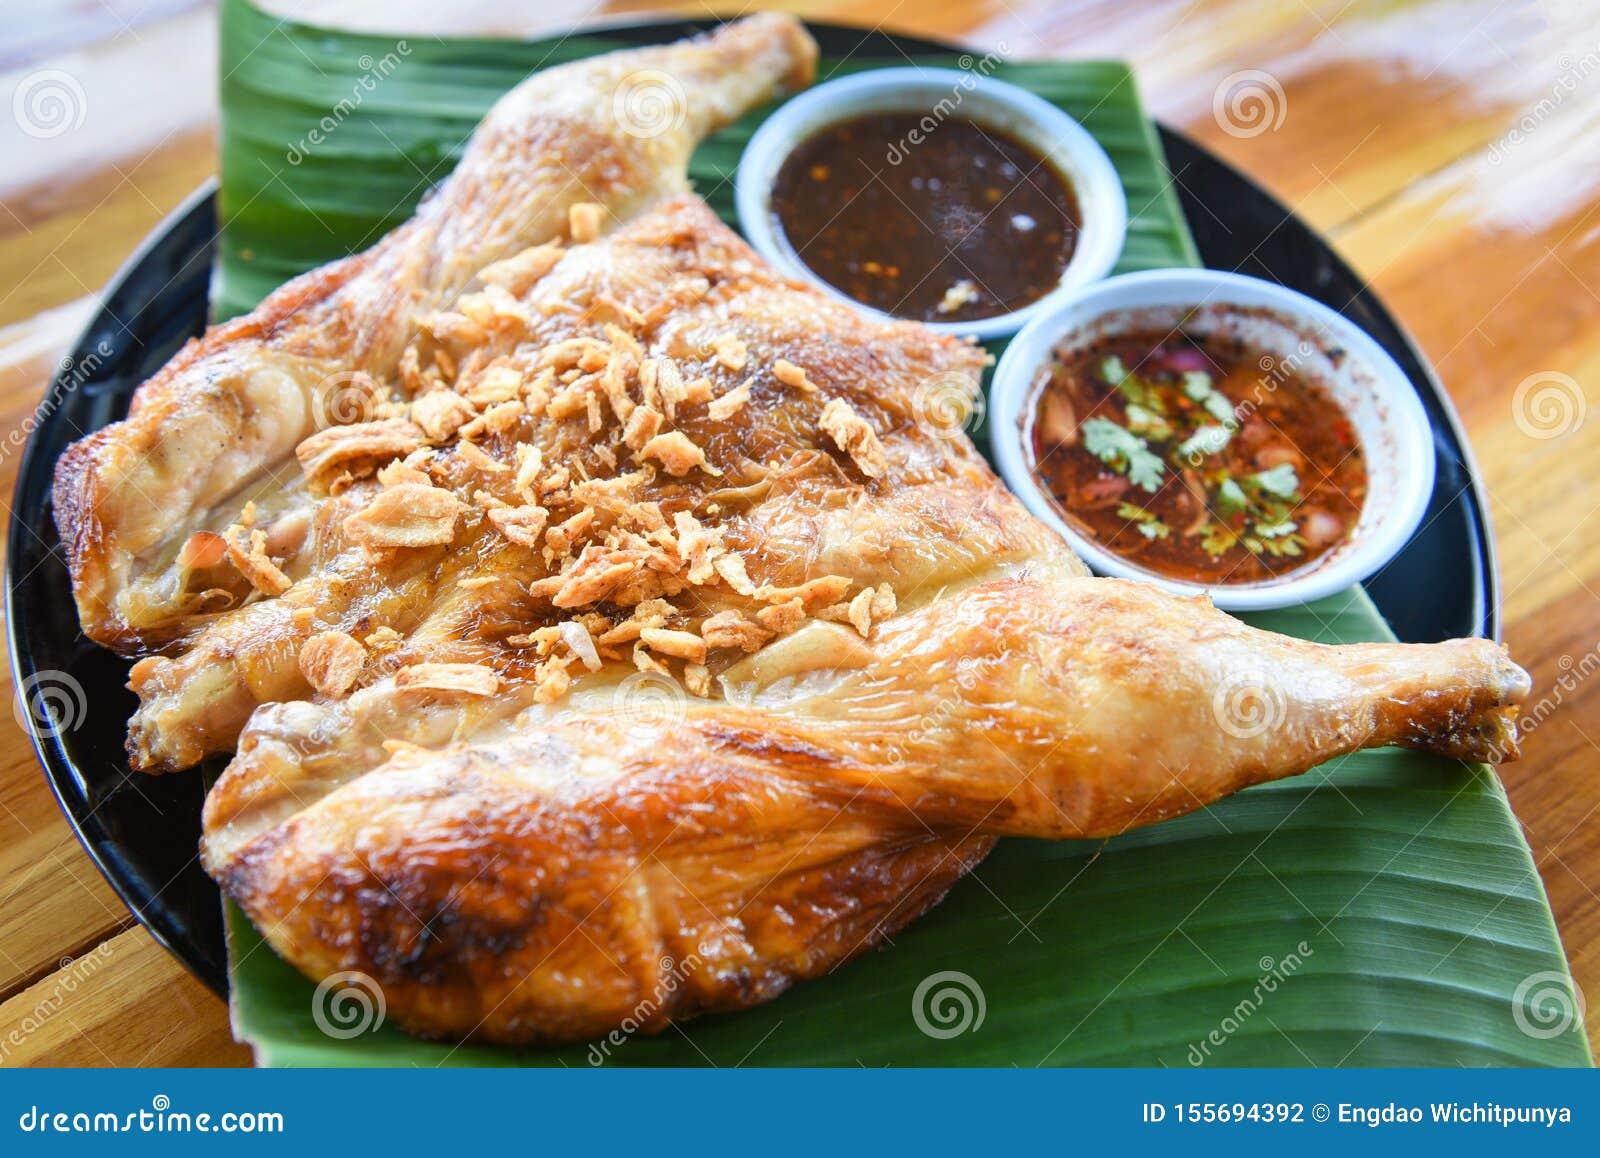 Galinha grelhada com alho e molho picante na placa - o alimento tailandês asiático do estilo grelhou o corpo inteiro da galinha